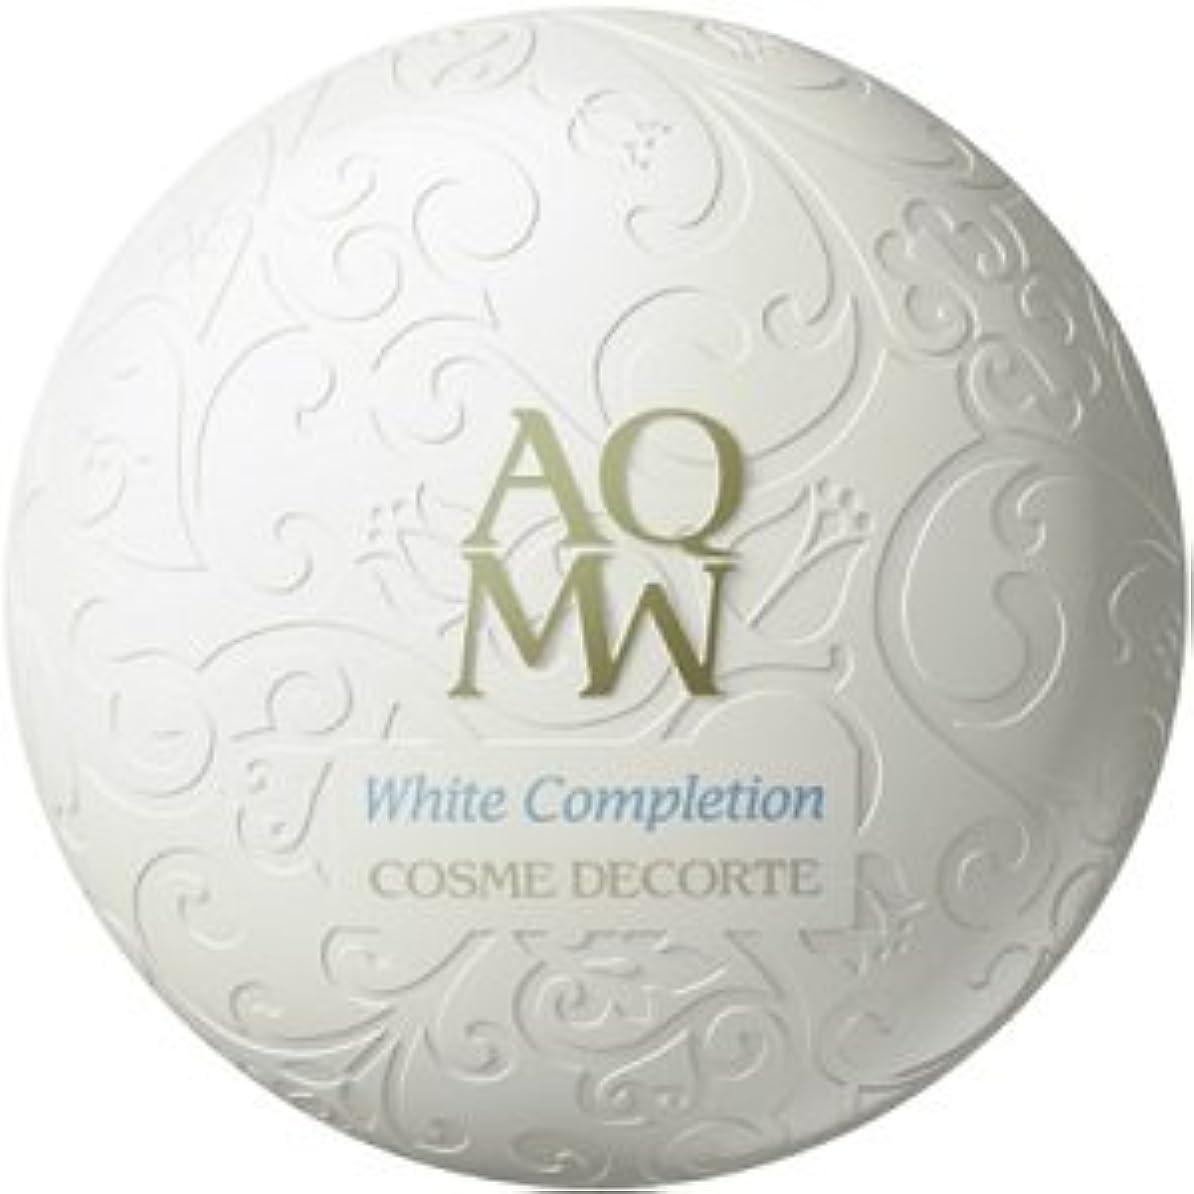 振動させる右散歩コスメデコルテ AQMW ホワイトコンプリーション 25g